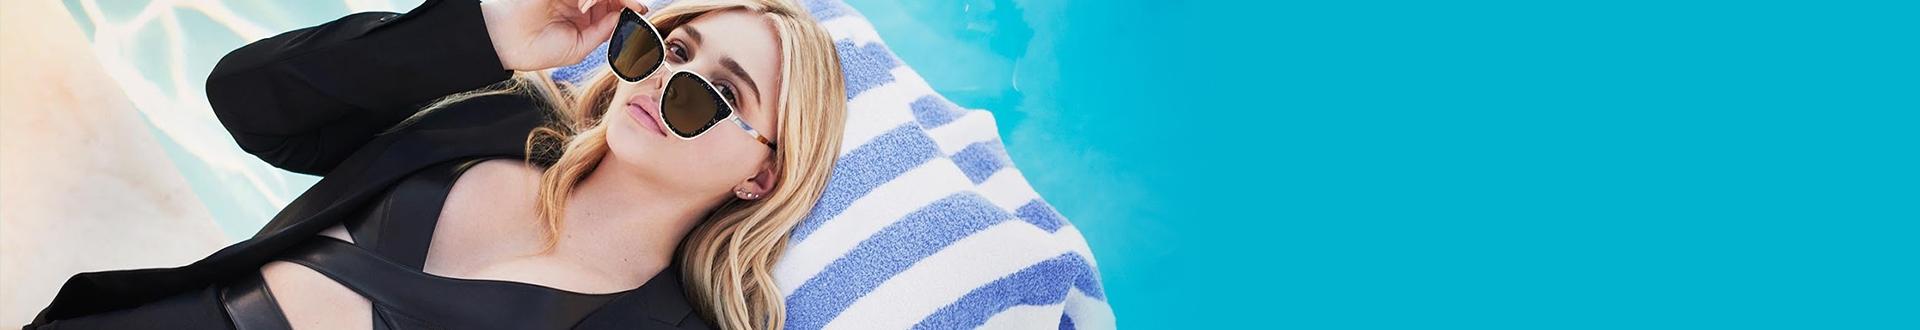 mulher loira deitada e usando óculos de sol Chloé